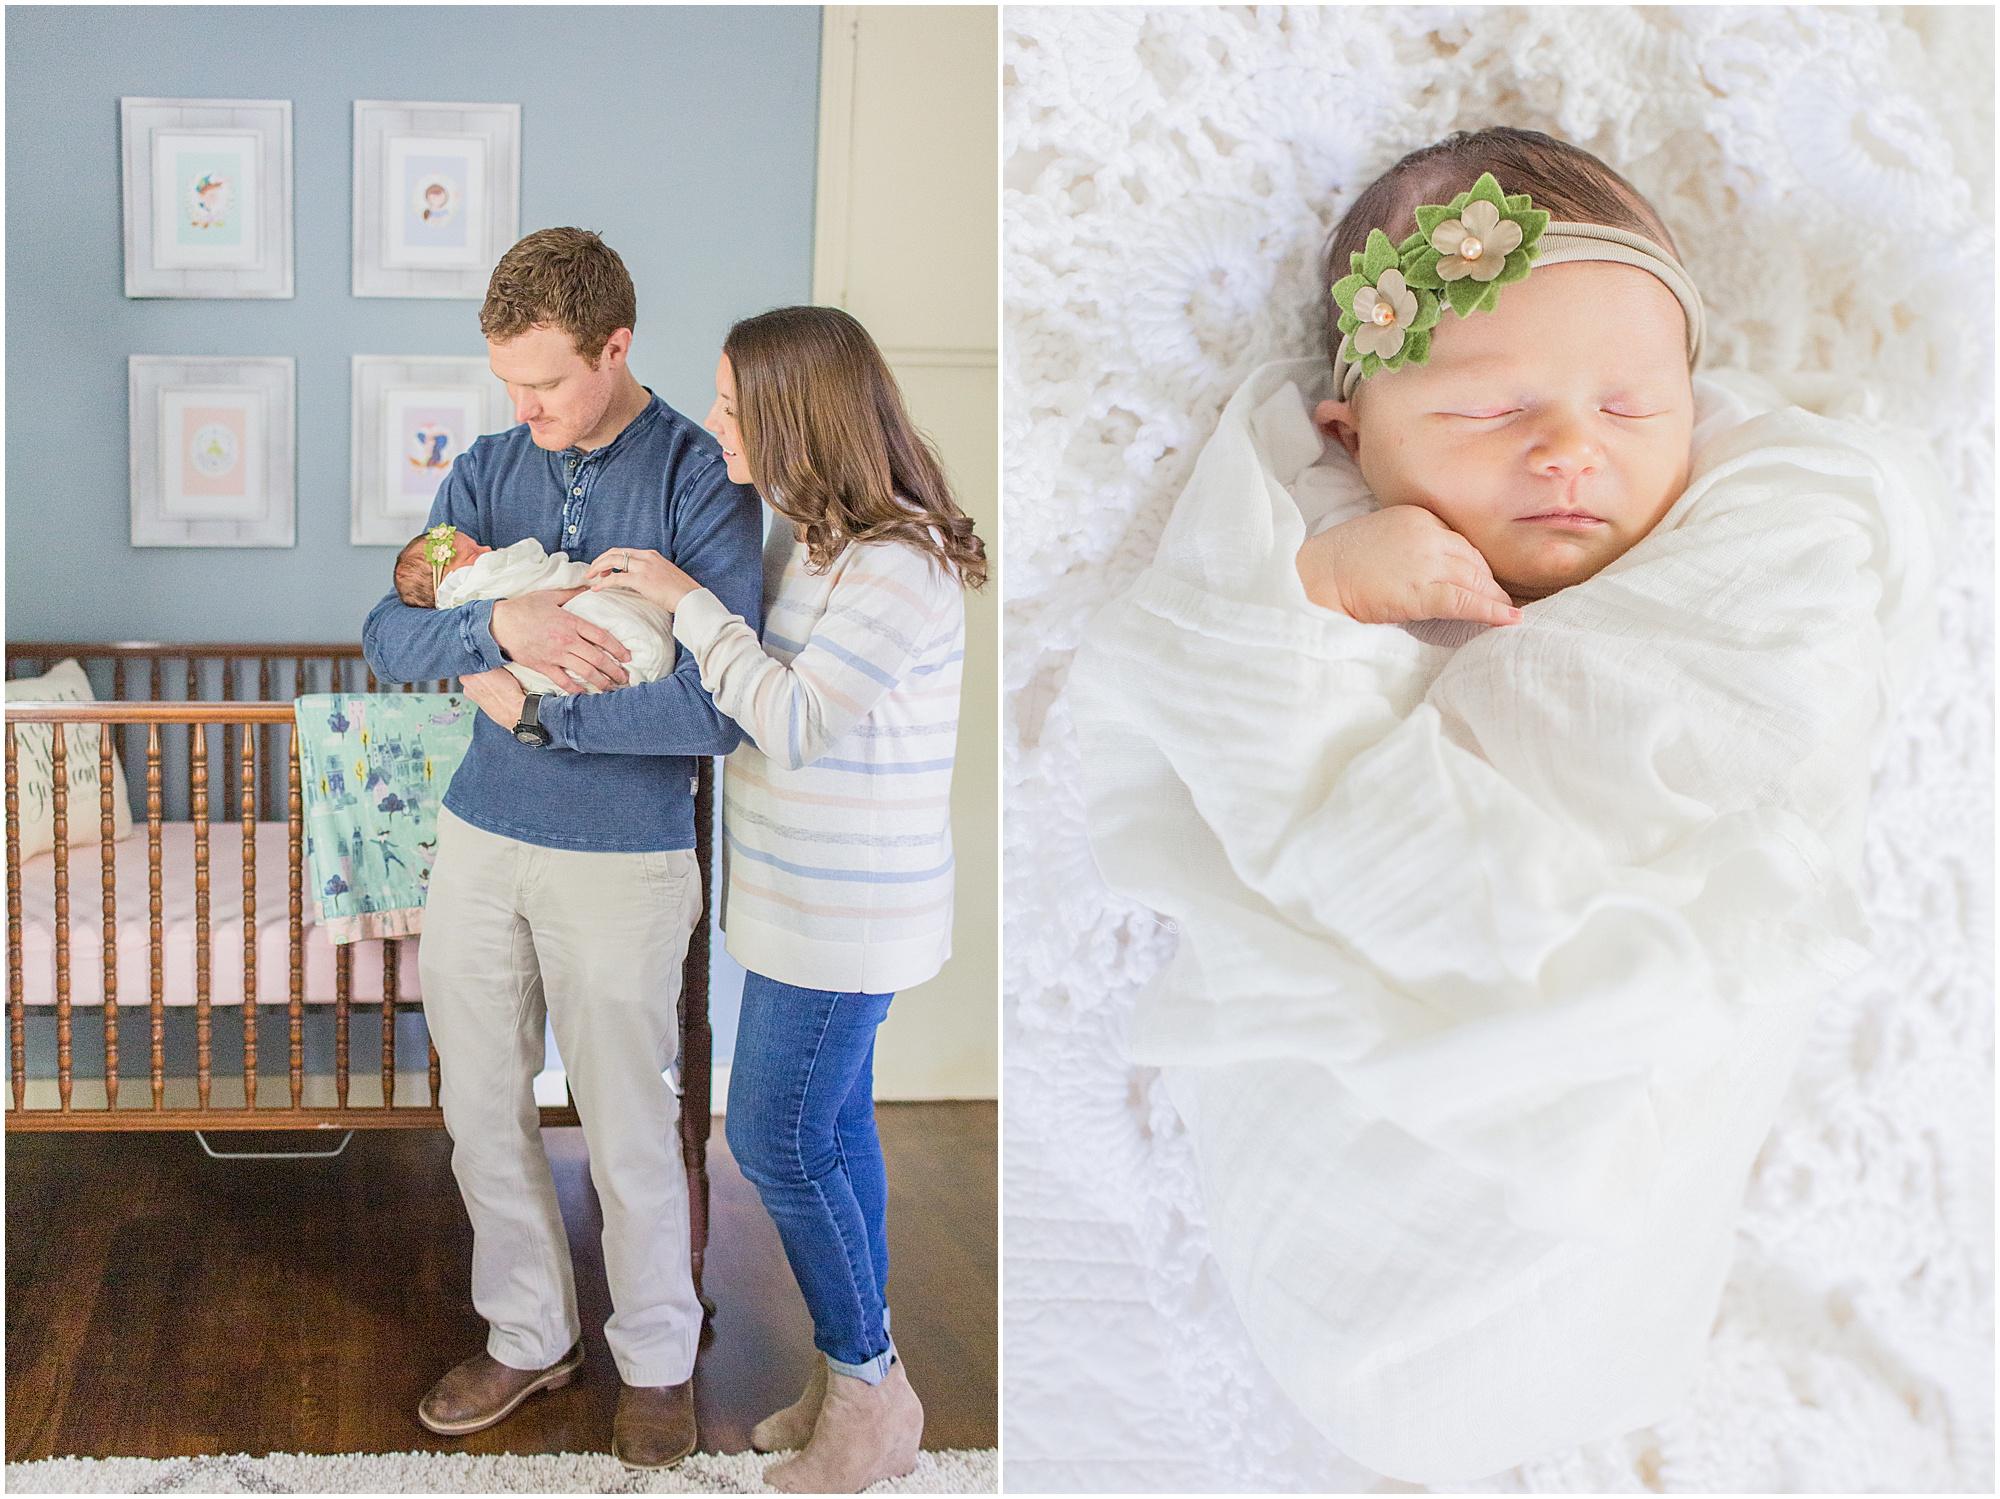 mississippi-newborn-family-photographer_0029.jpg